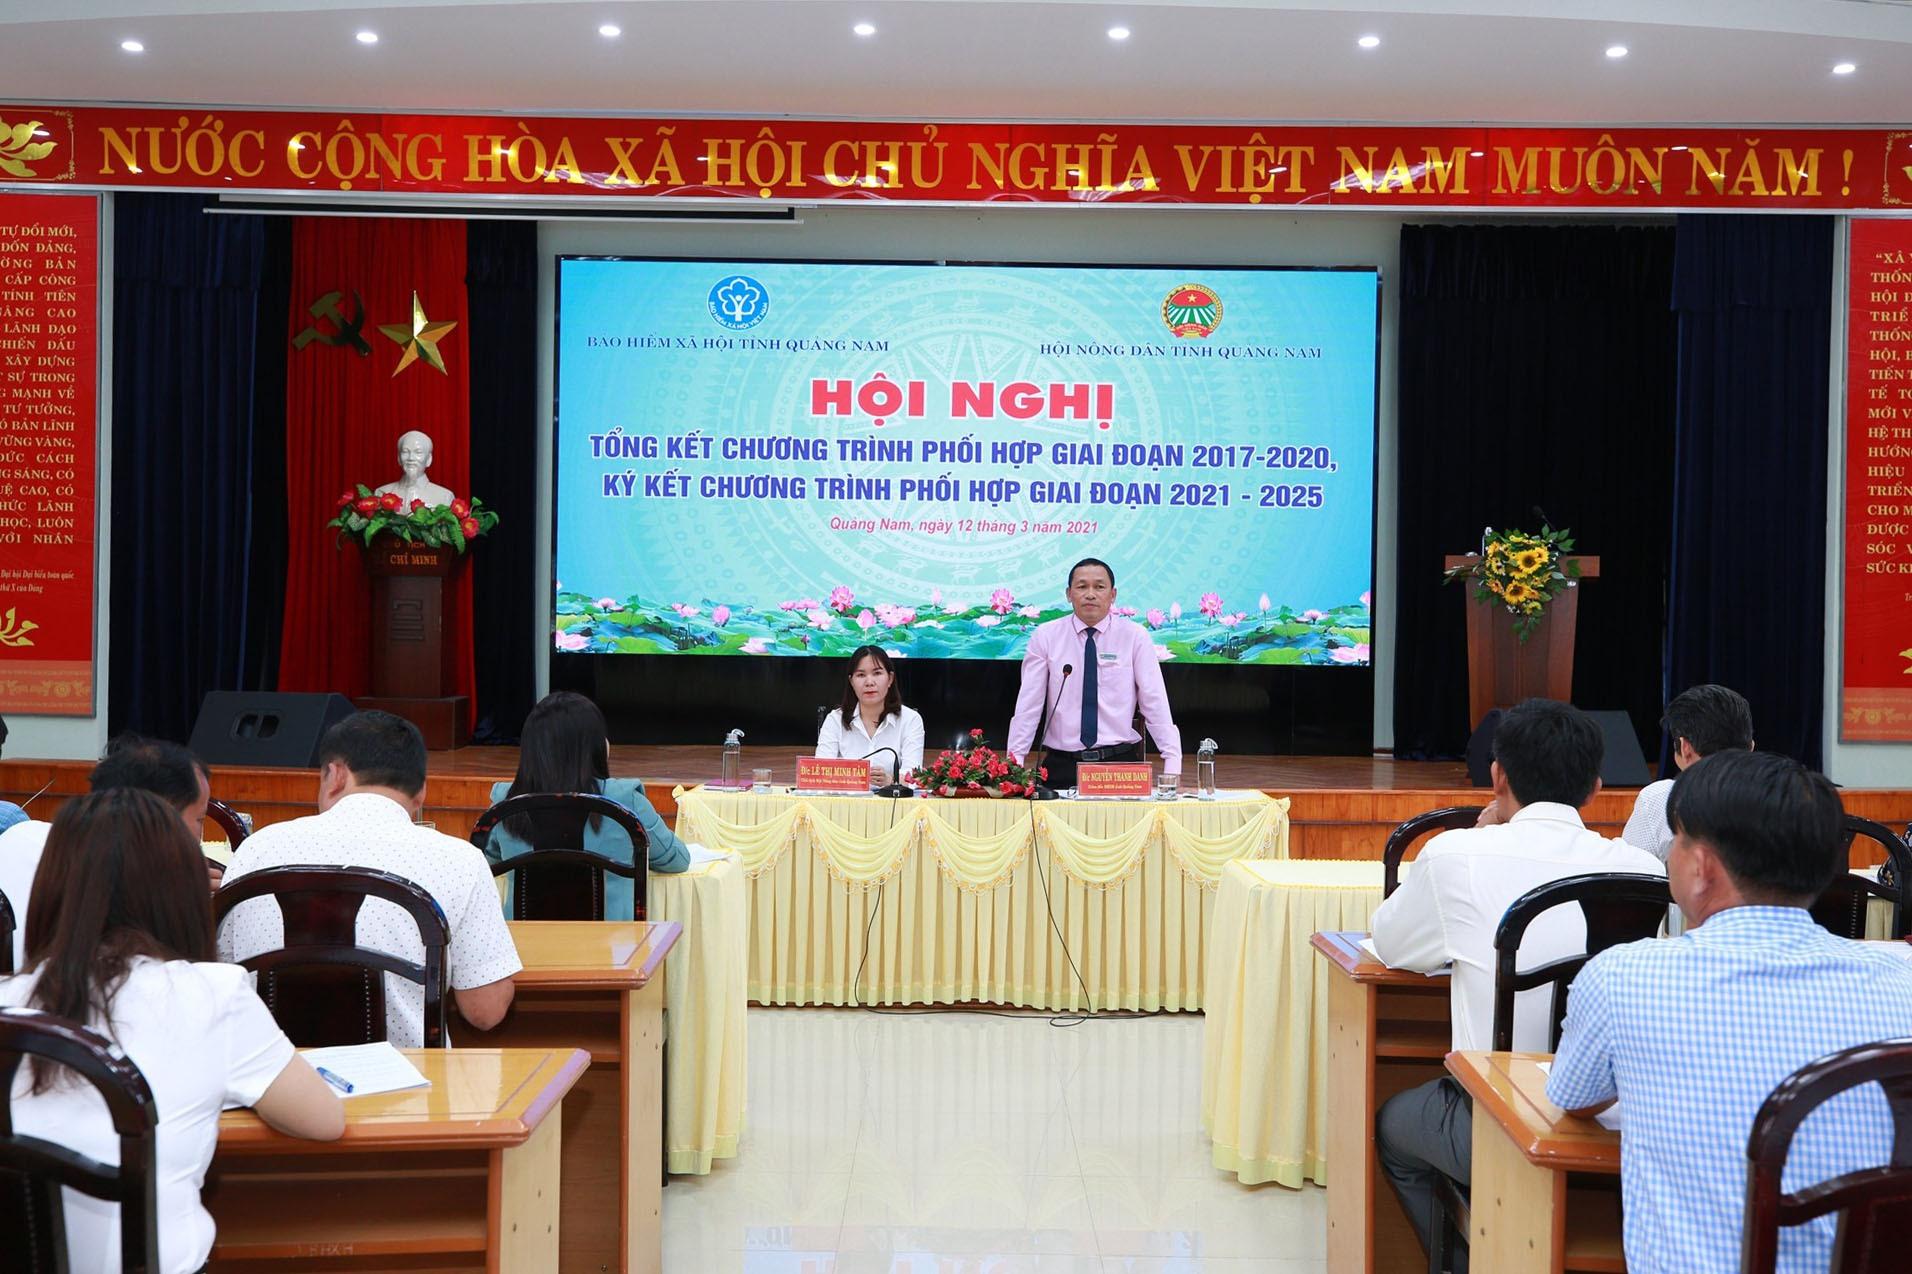 BHXH tỉnh và Hội Nông dân tỉnh tổ chức hội nghị vào chiều nay. Ảnh: D.L